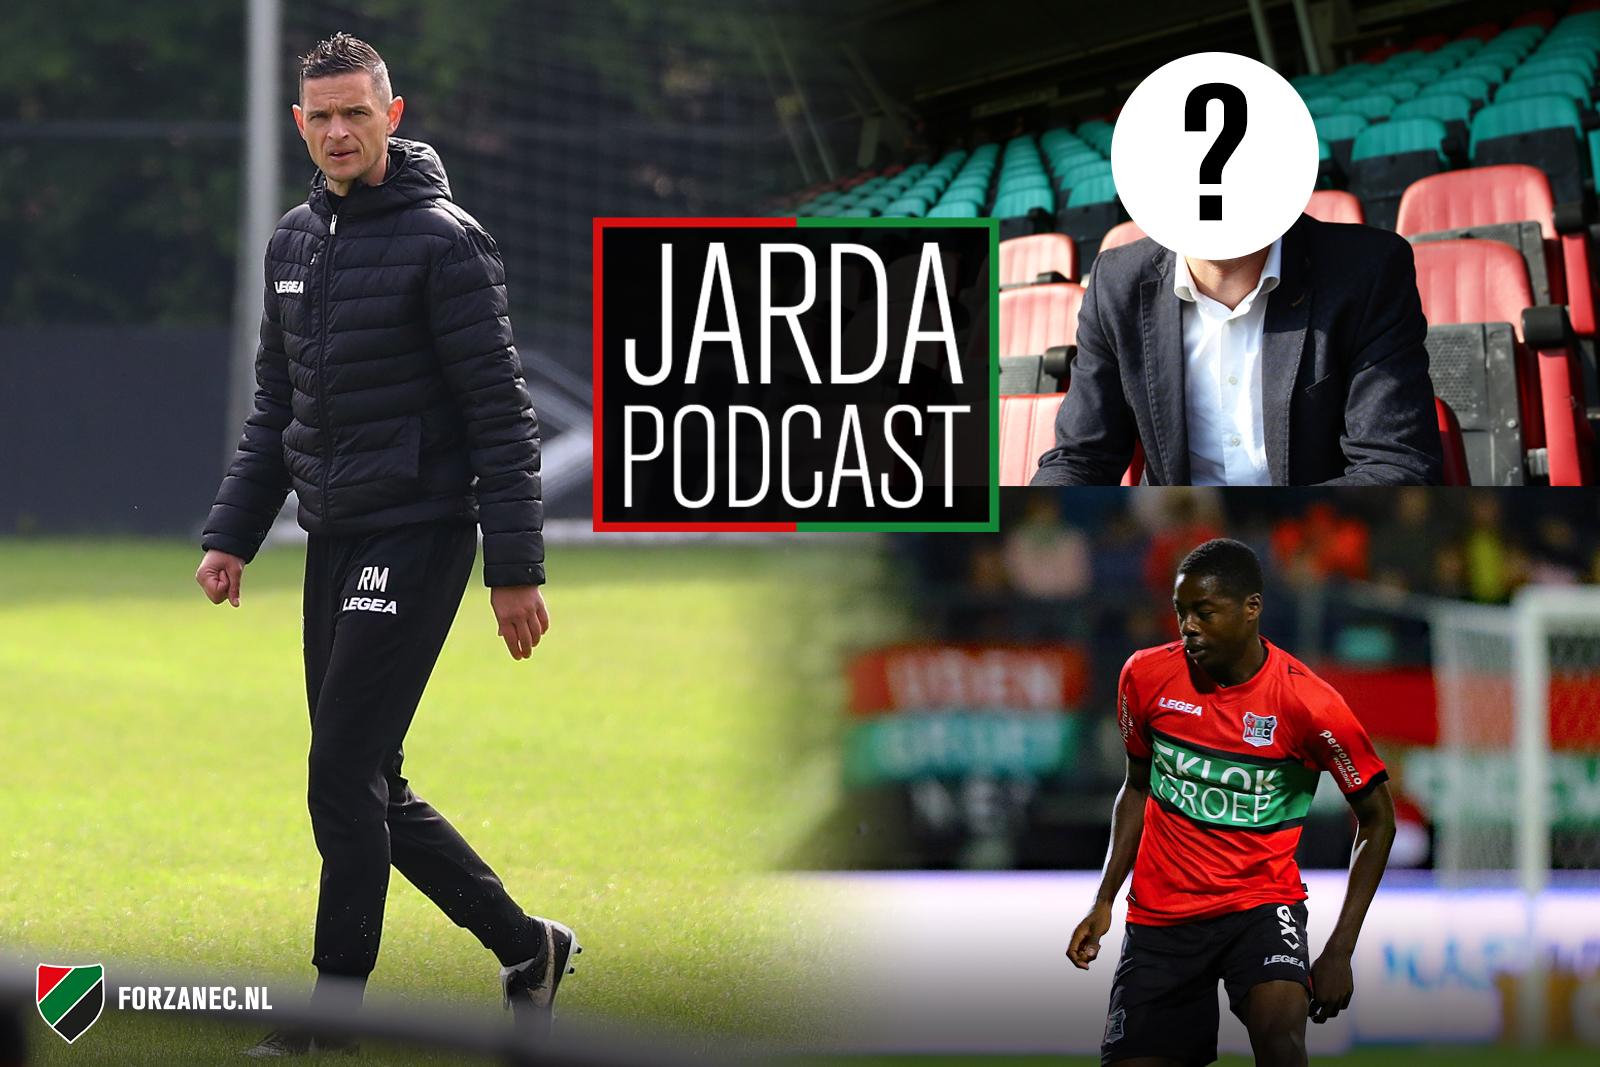 Jarda Podcast #42: op anderhalve meter bijpraten over NEC